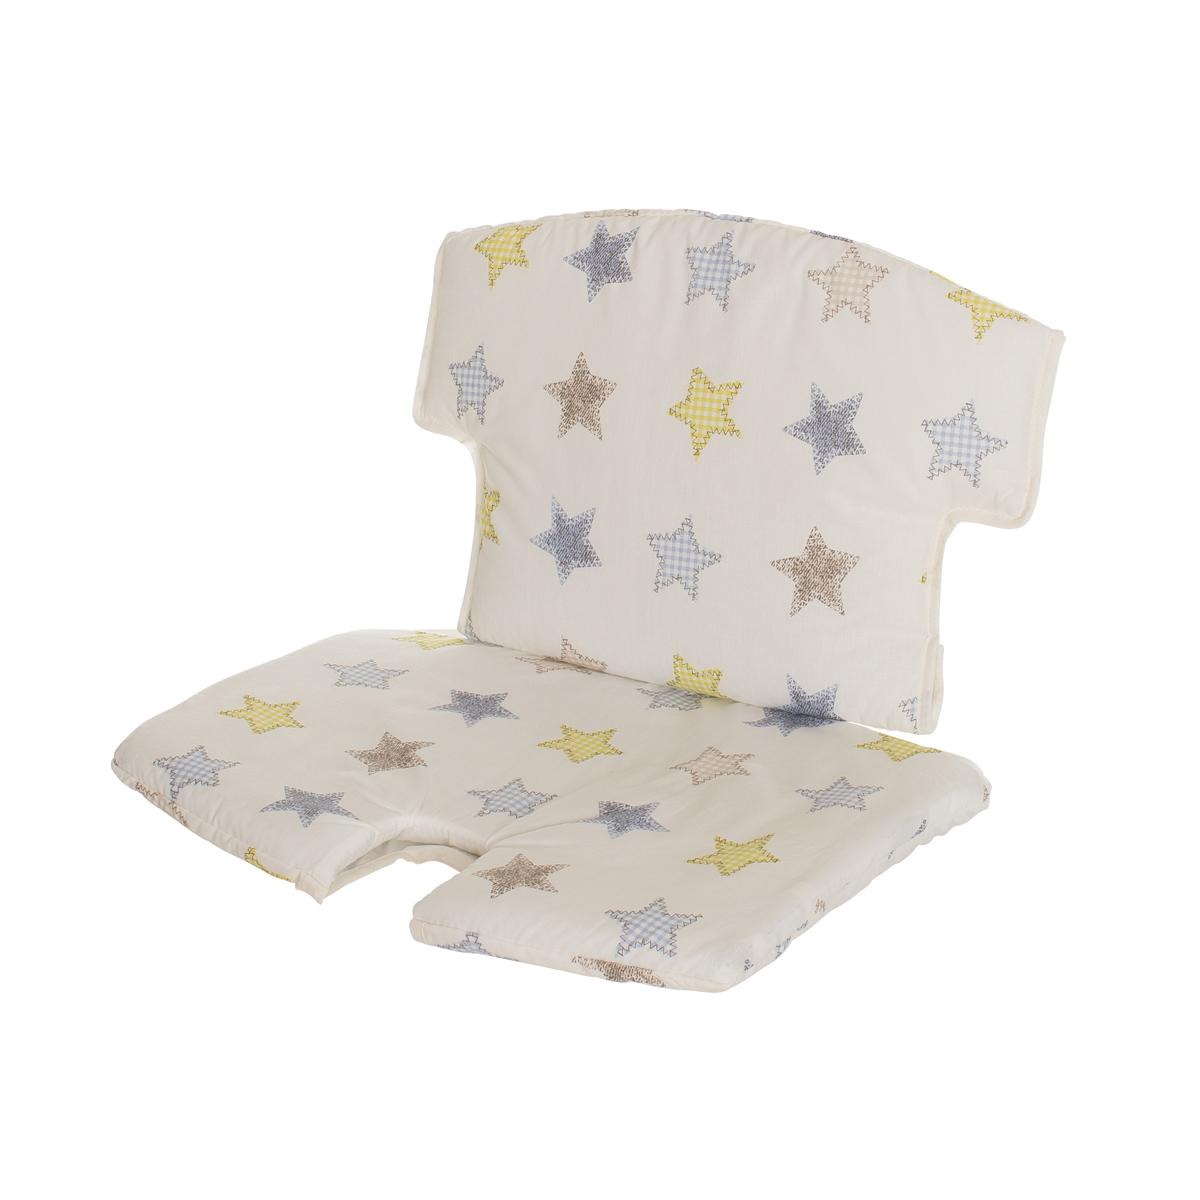 geuther ensemble chaise haute syt tablette coussin de chaise blanc etoiles chaise haute. Black Bedroom Furniture Sets. Home Design Ideas